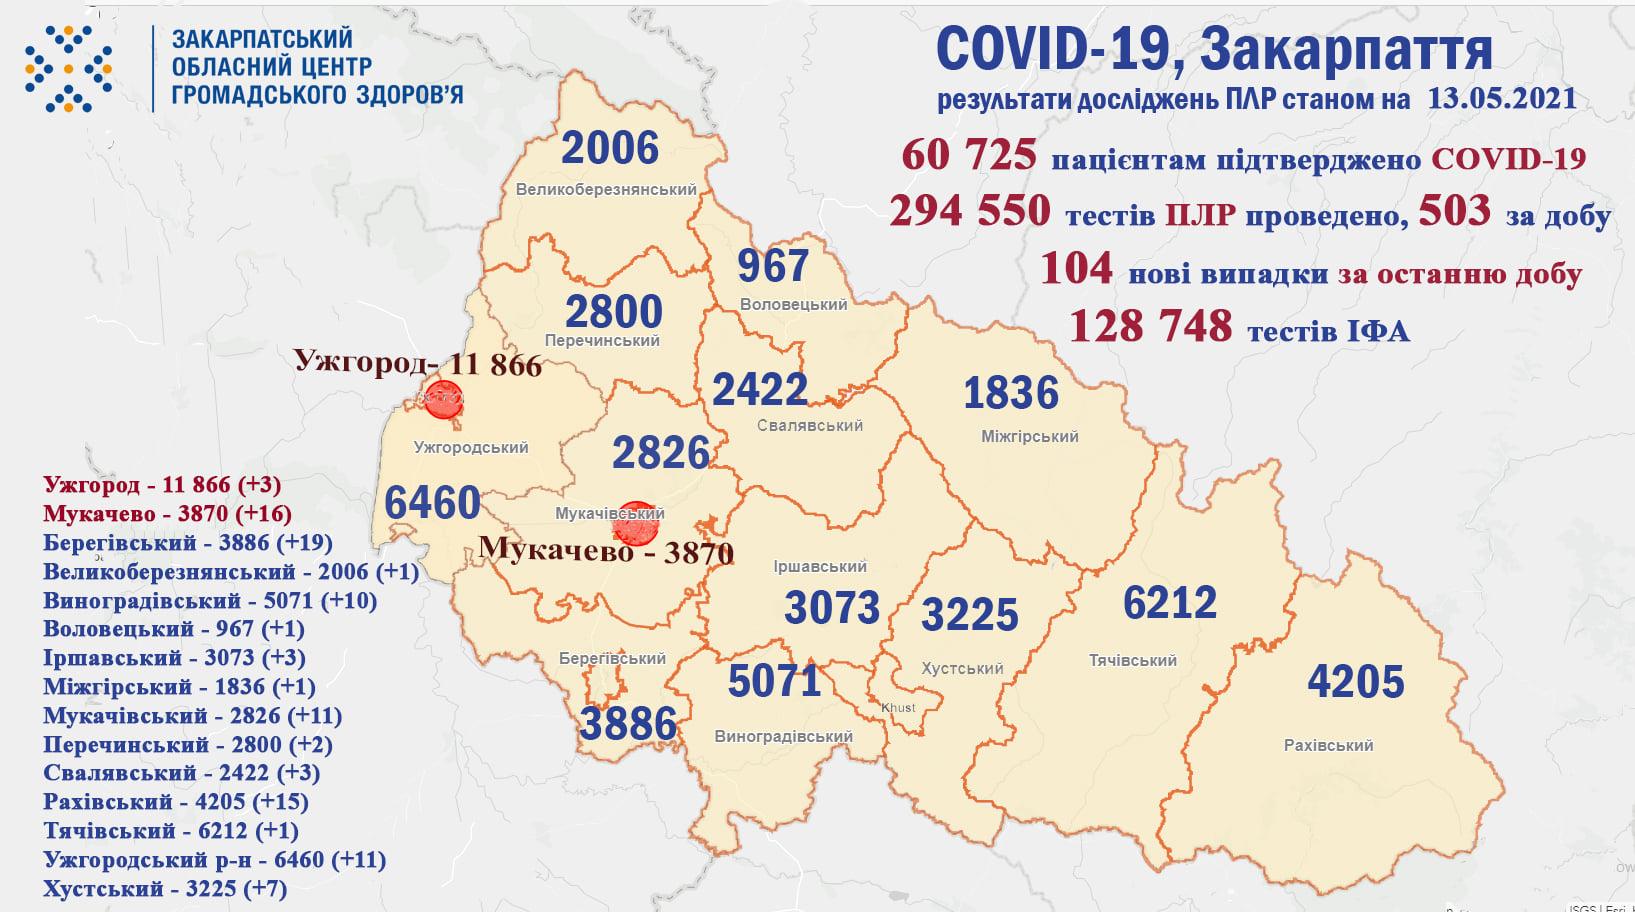 Сотня нових хворих та кілька померлих: оновлена статистика по коронавірусу в Закарпатті